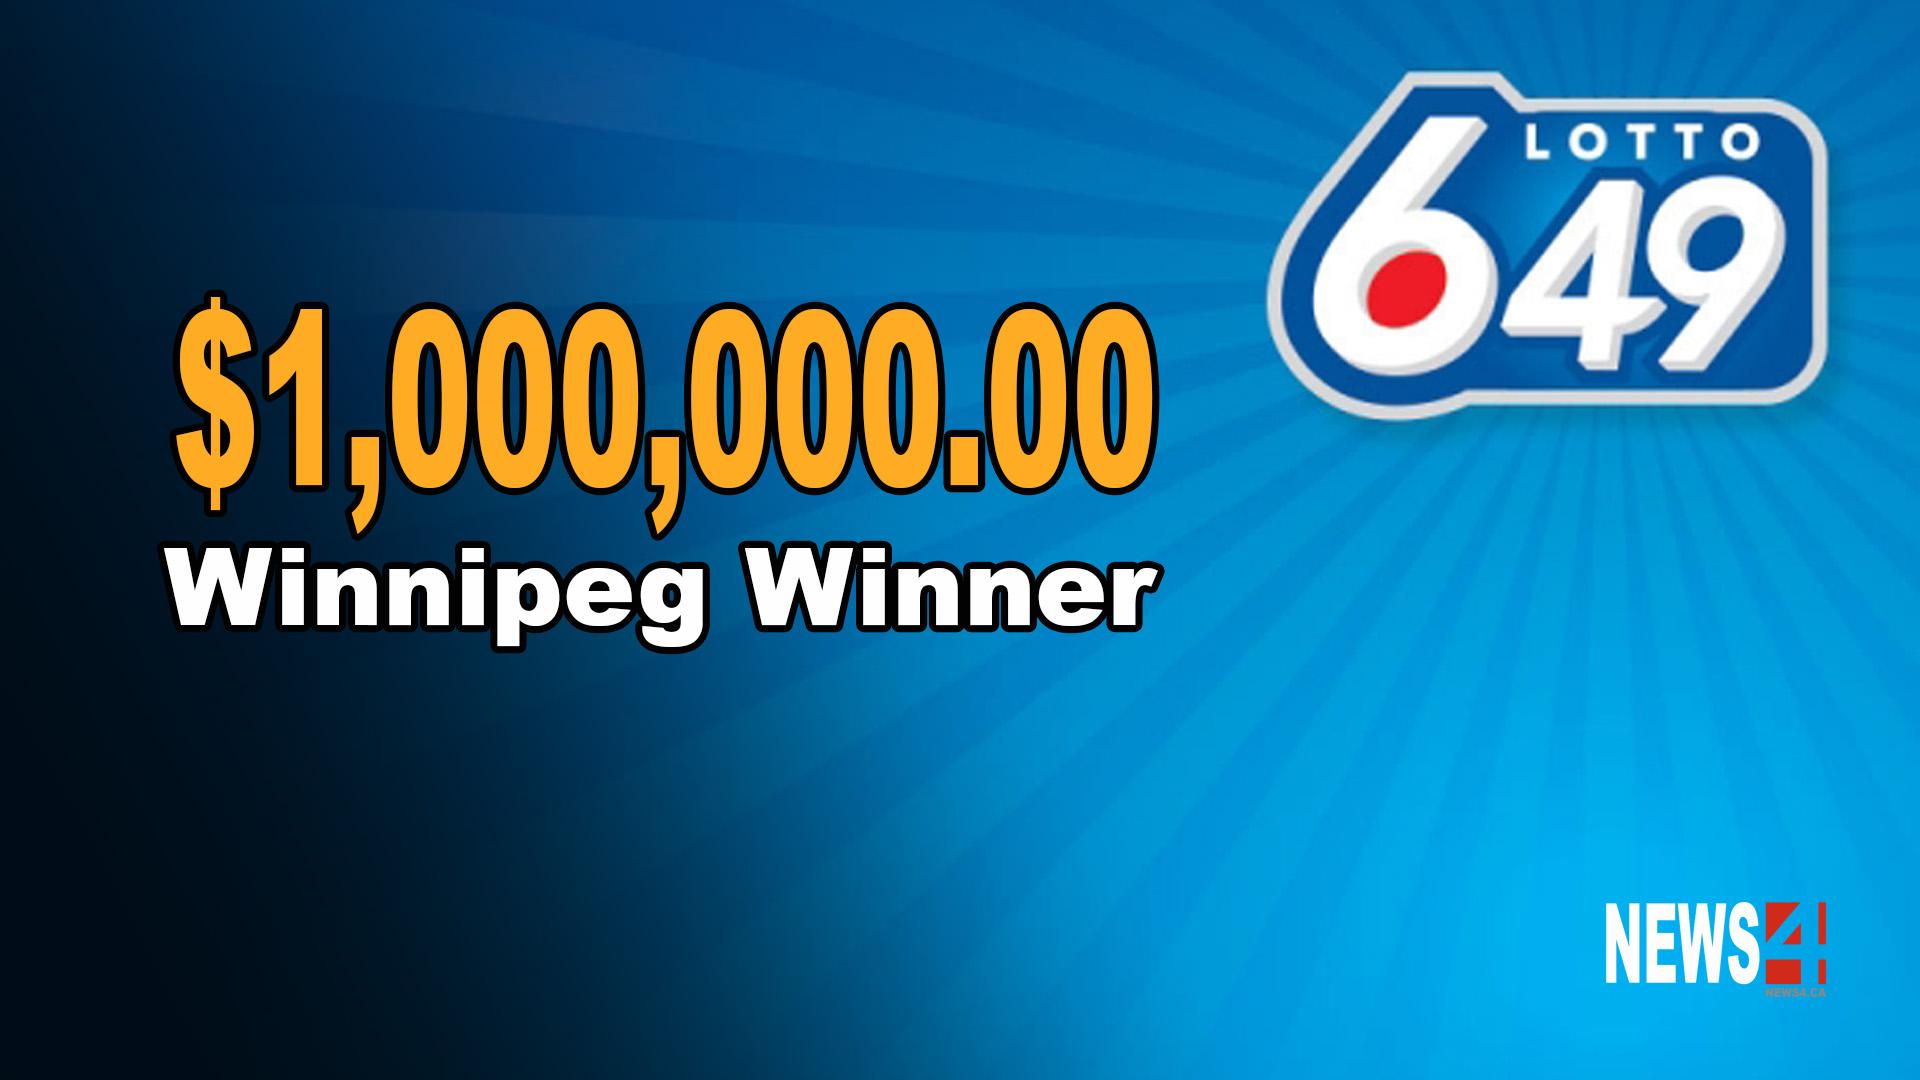 649 ticket worth $1 million bought in Winnipeg